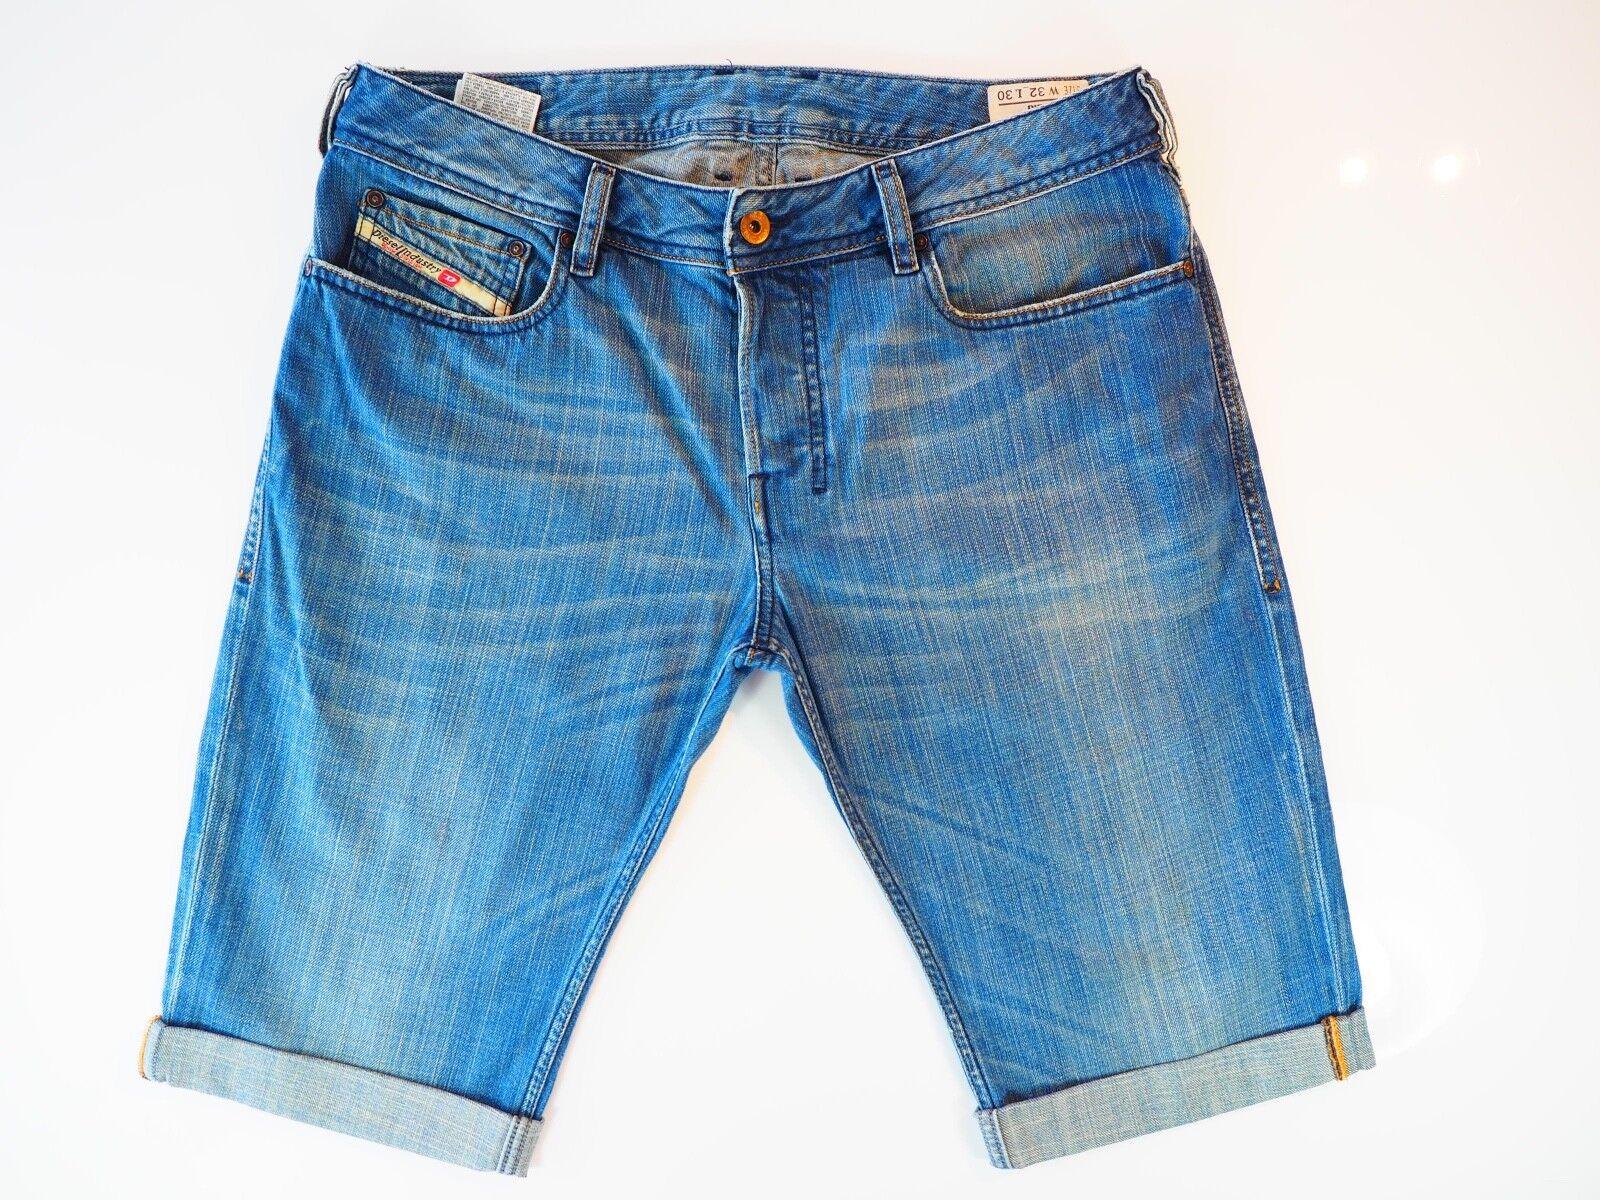 Diesel Zathan Jeans  Diesel Denim Shorts W32 Excellent Condition 008J6 32W